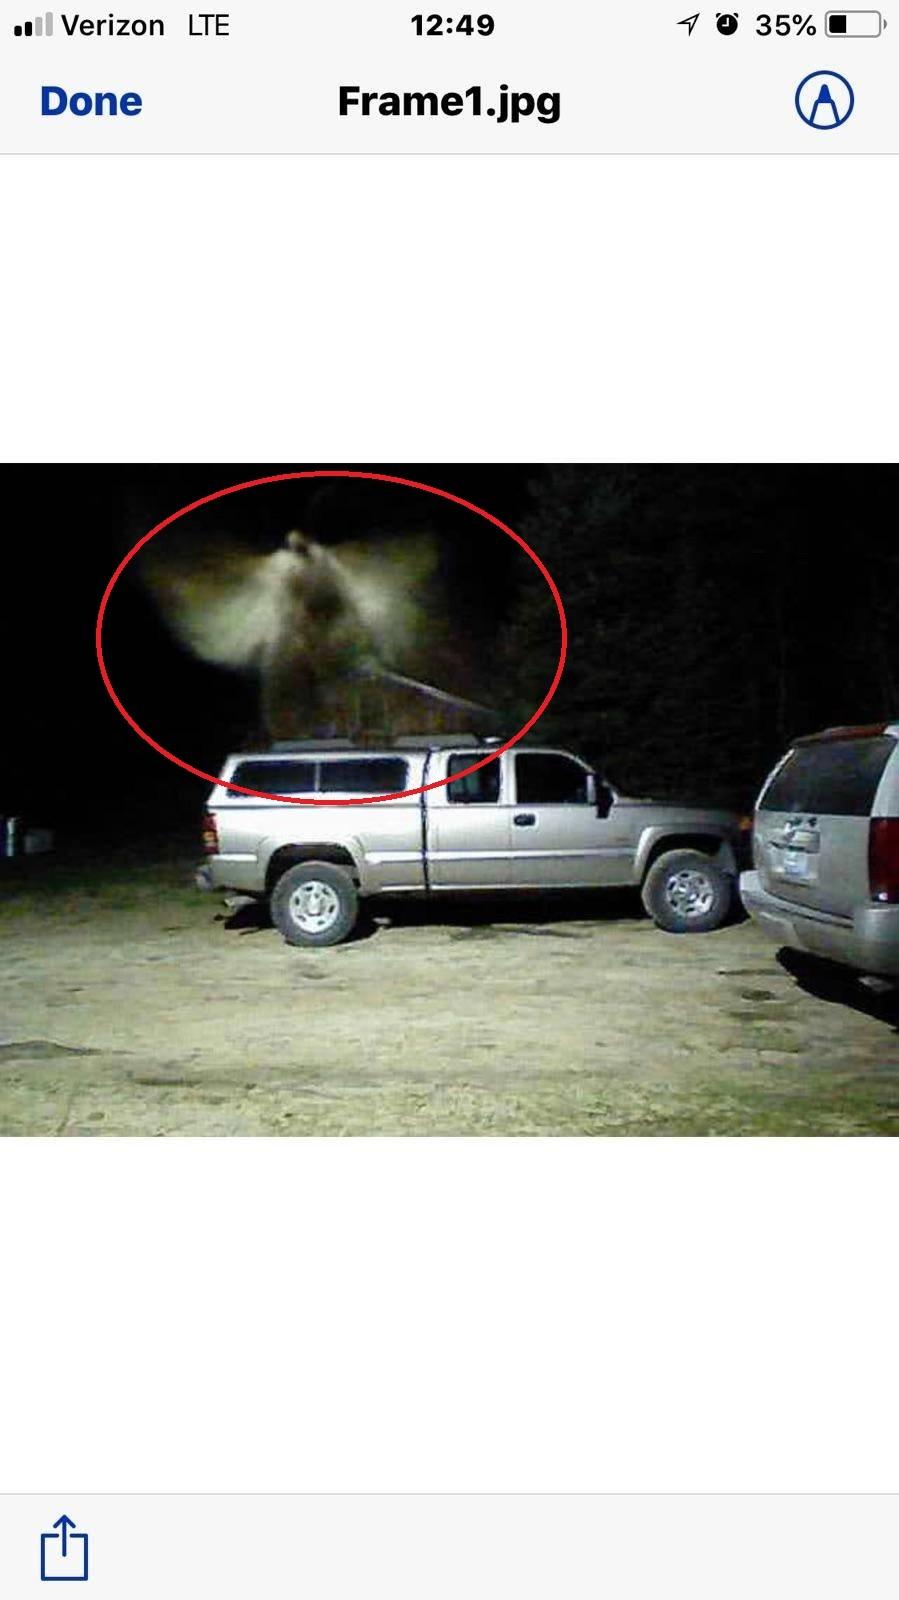 【アメリカ】白い翼に剣を持つ「天使」のような姿をした「謎の物体」が防犯カメラに捉えられる!